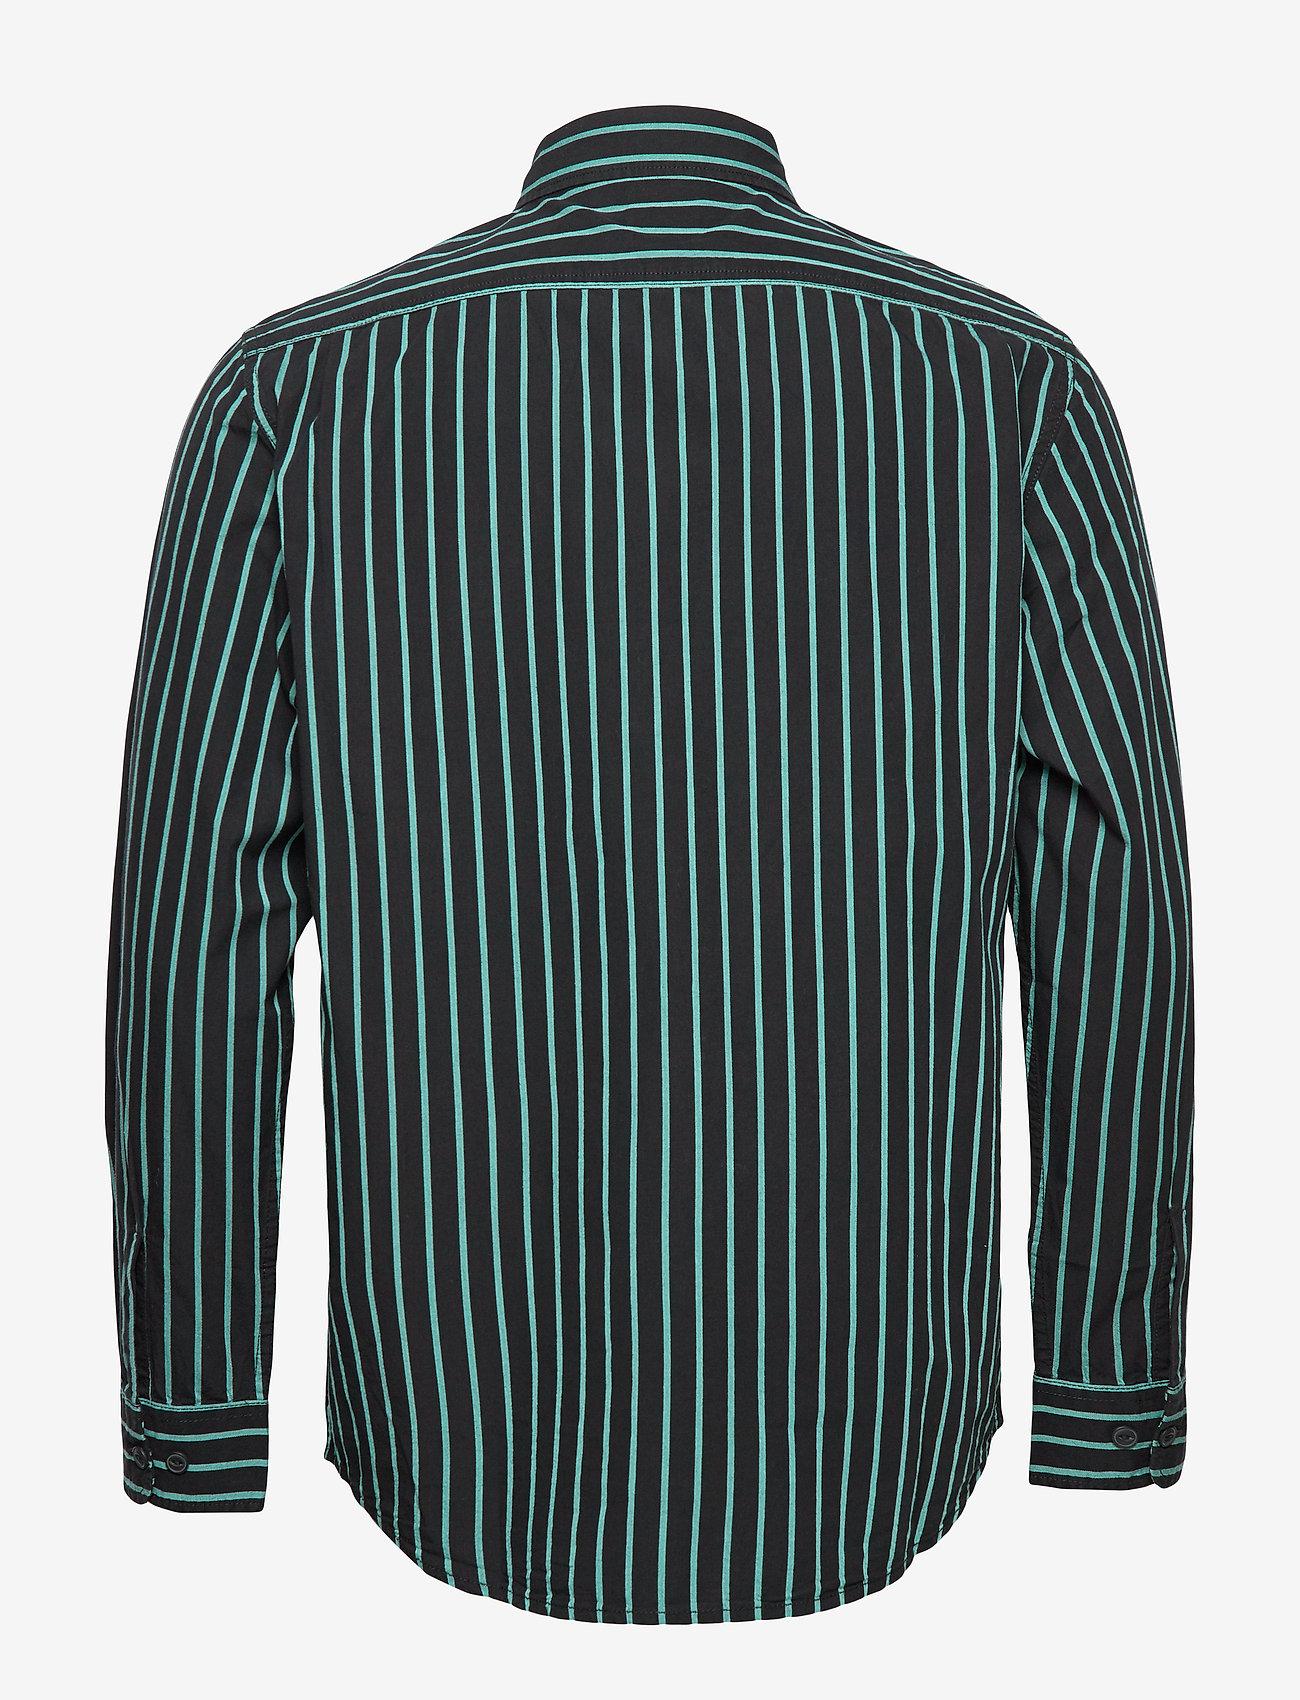 Lee Jeanslee Worker Shirt - Hemden